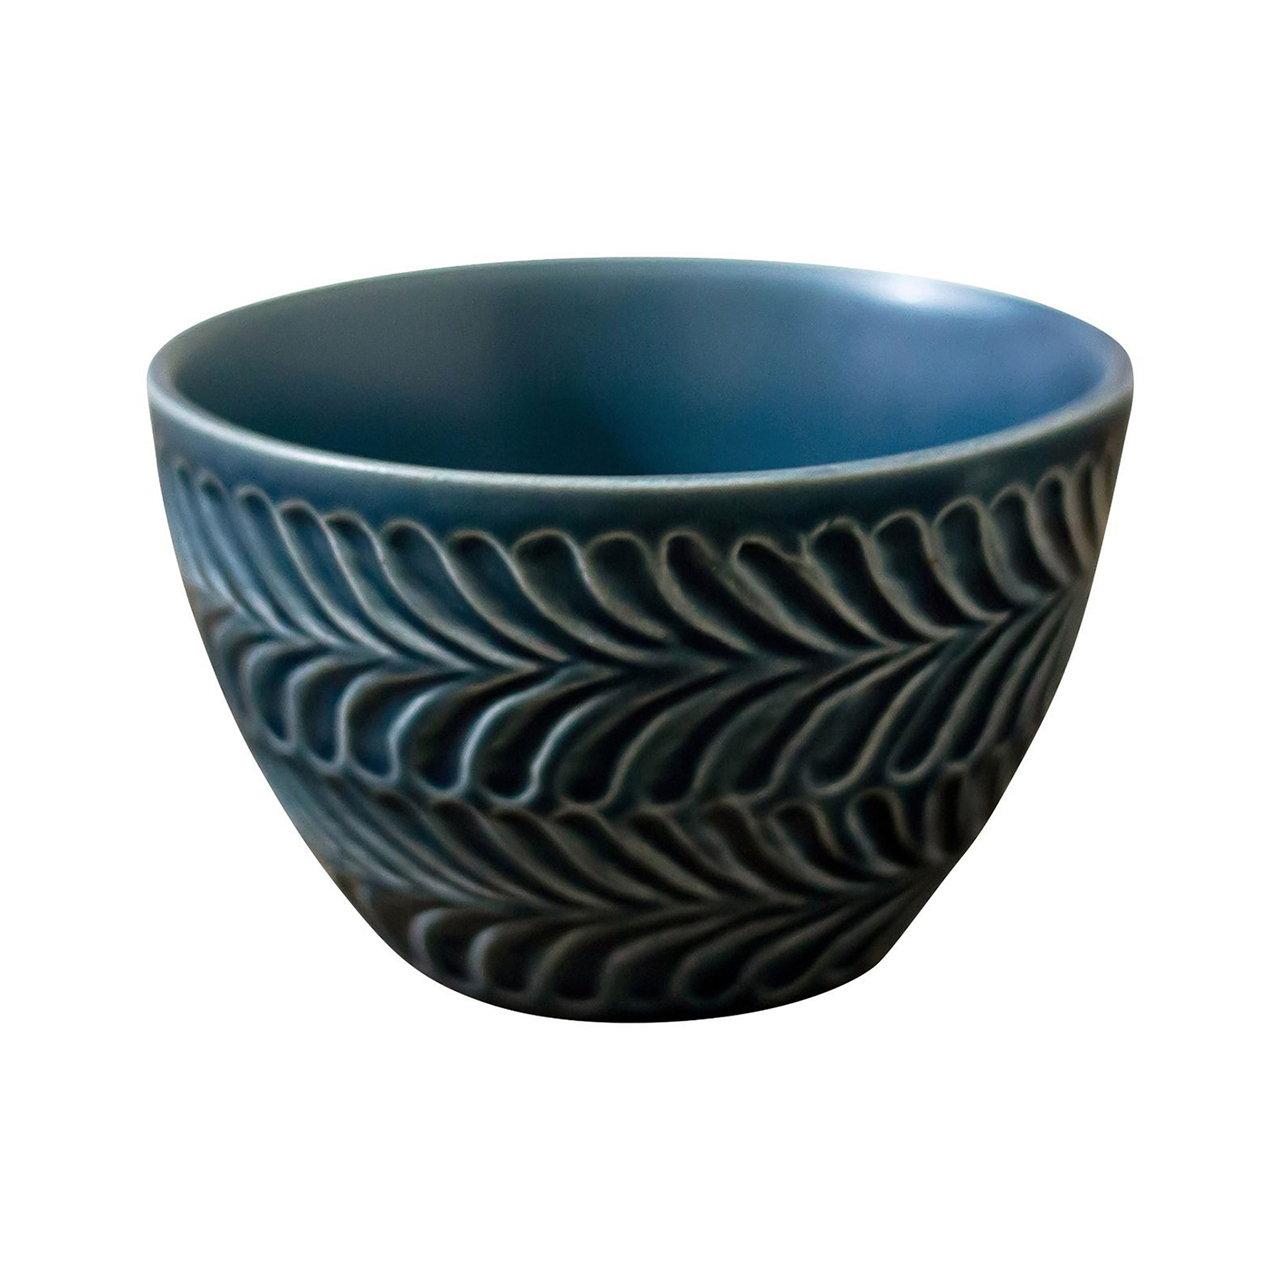 波佐見焼 翔芳窯 ローズマリー ライスボウル 茶碗 約11cm デニム 33393